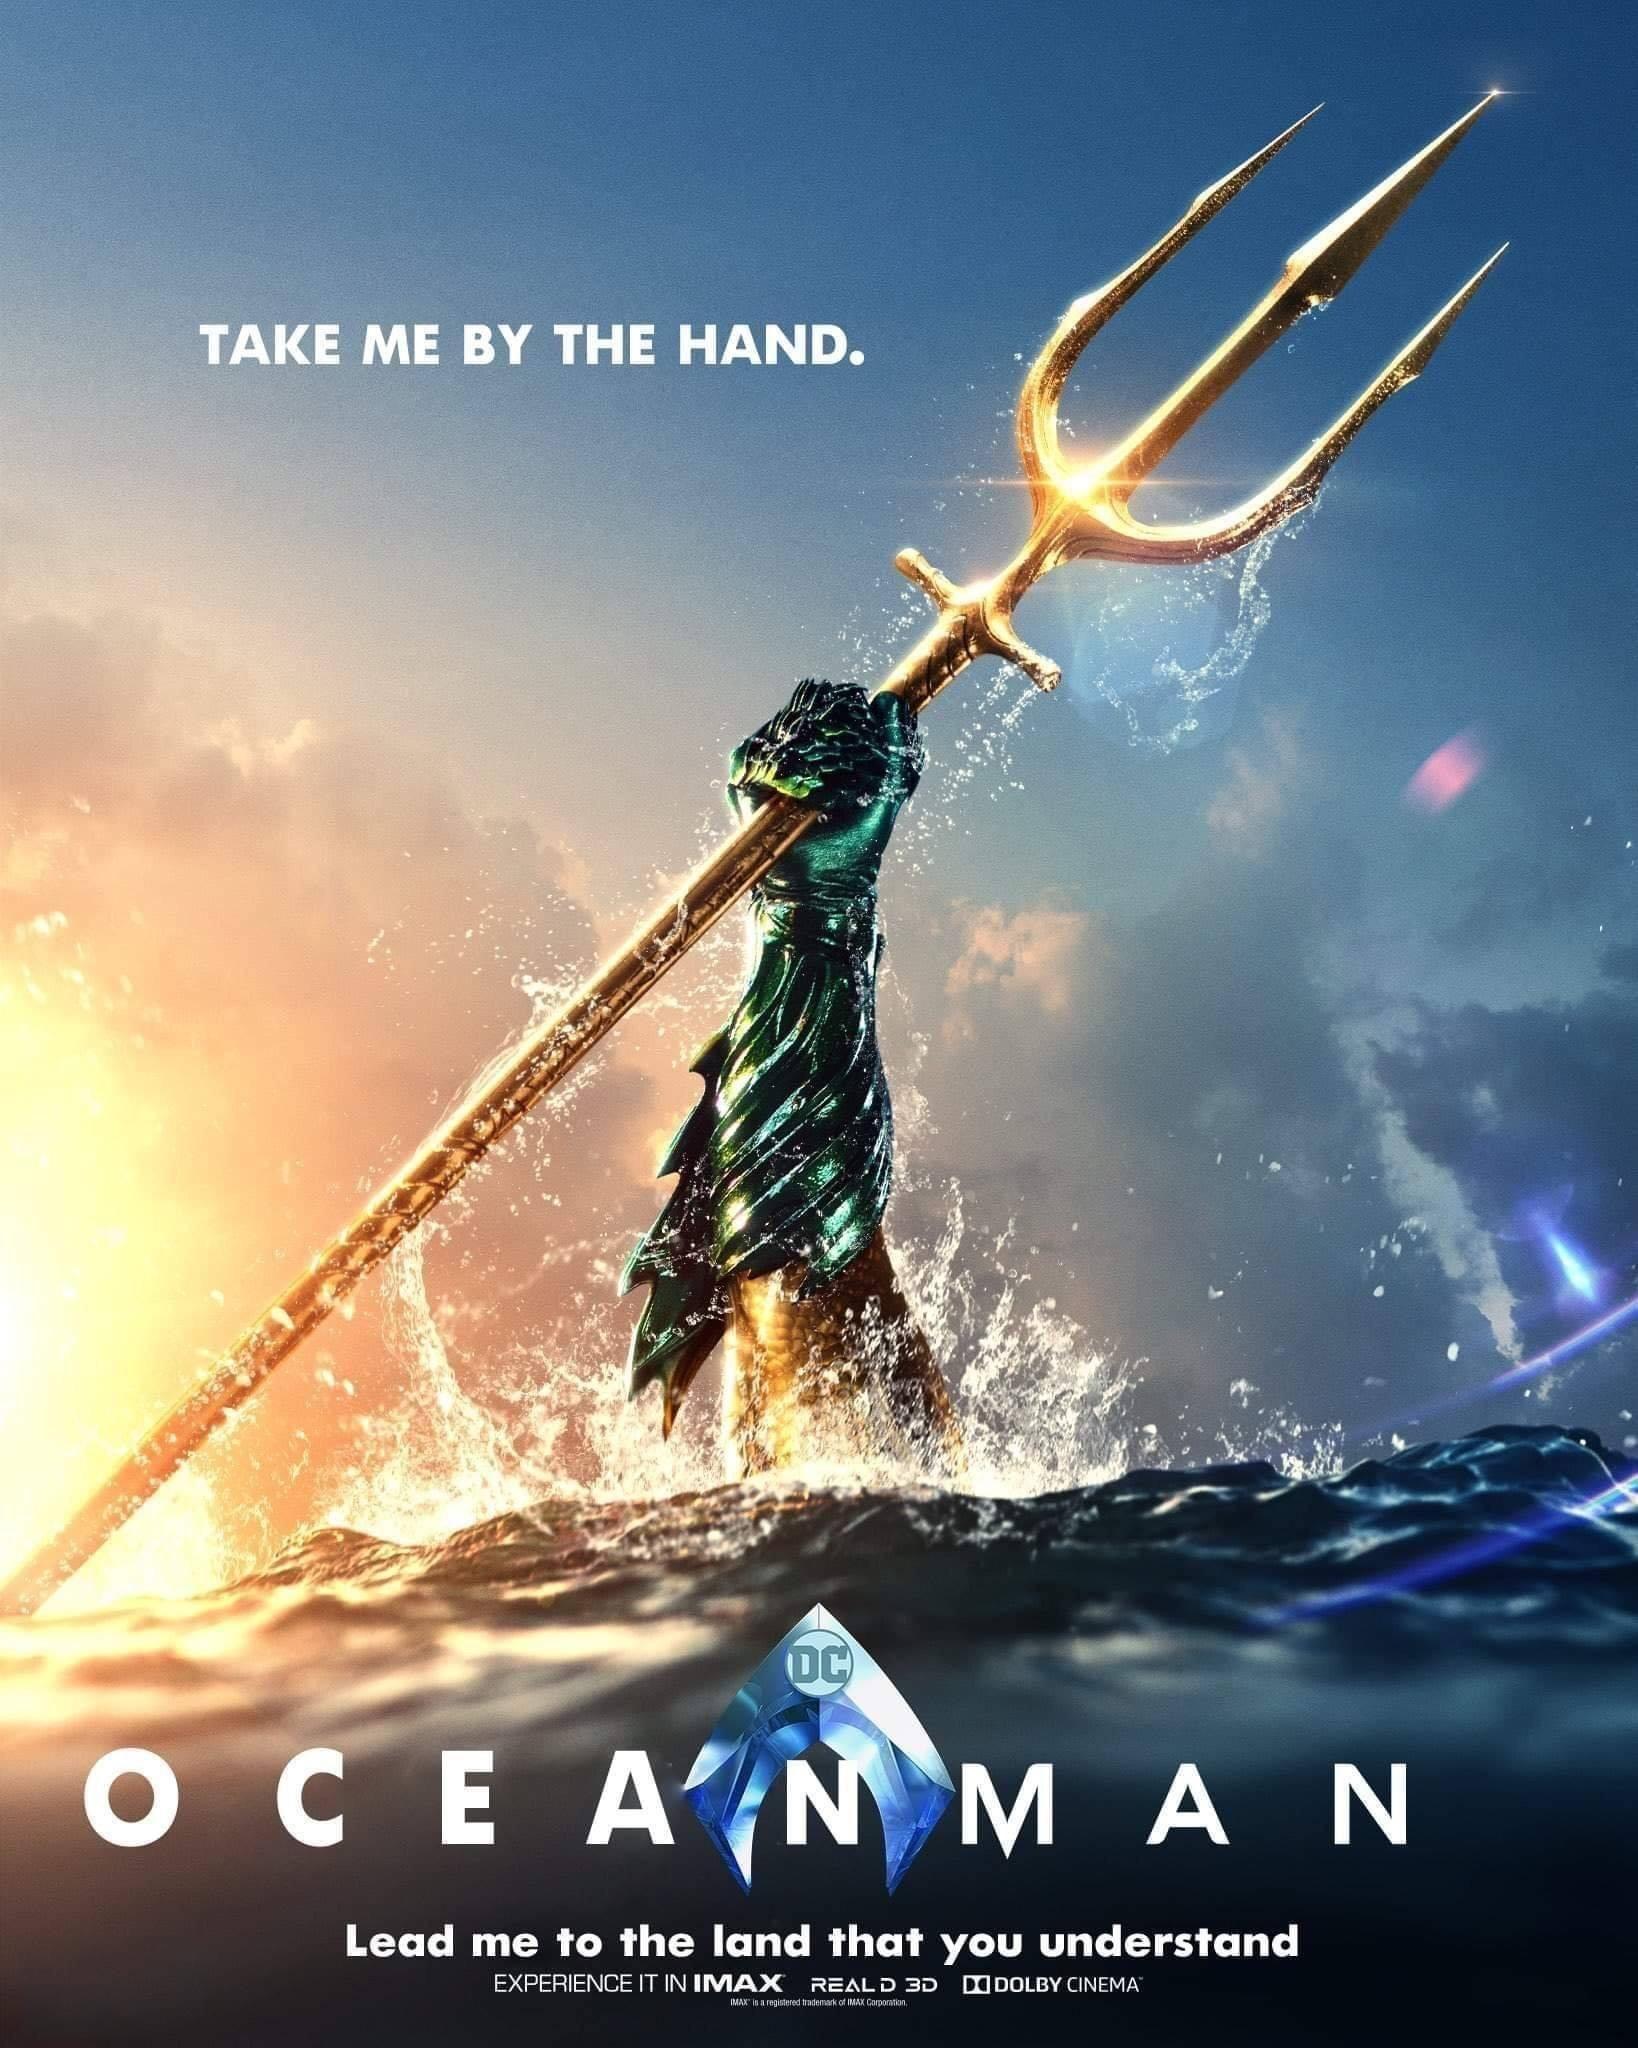 The movie I wish was true